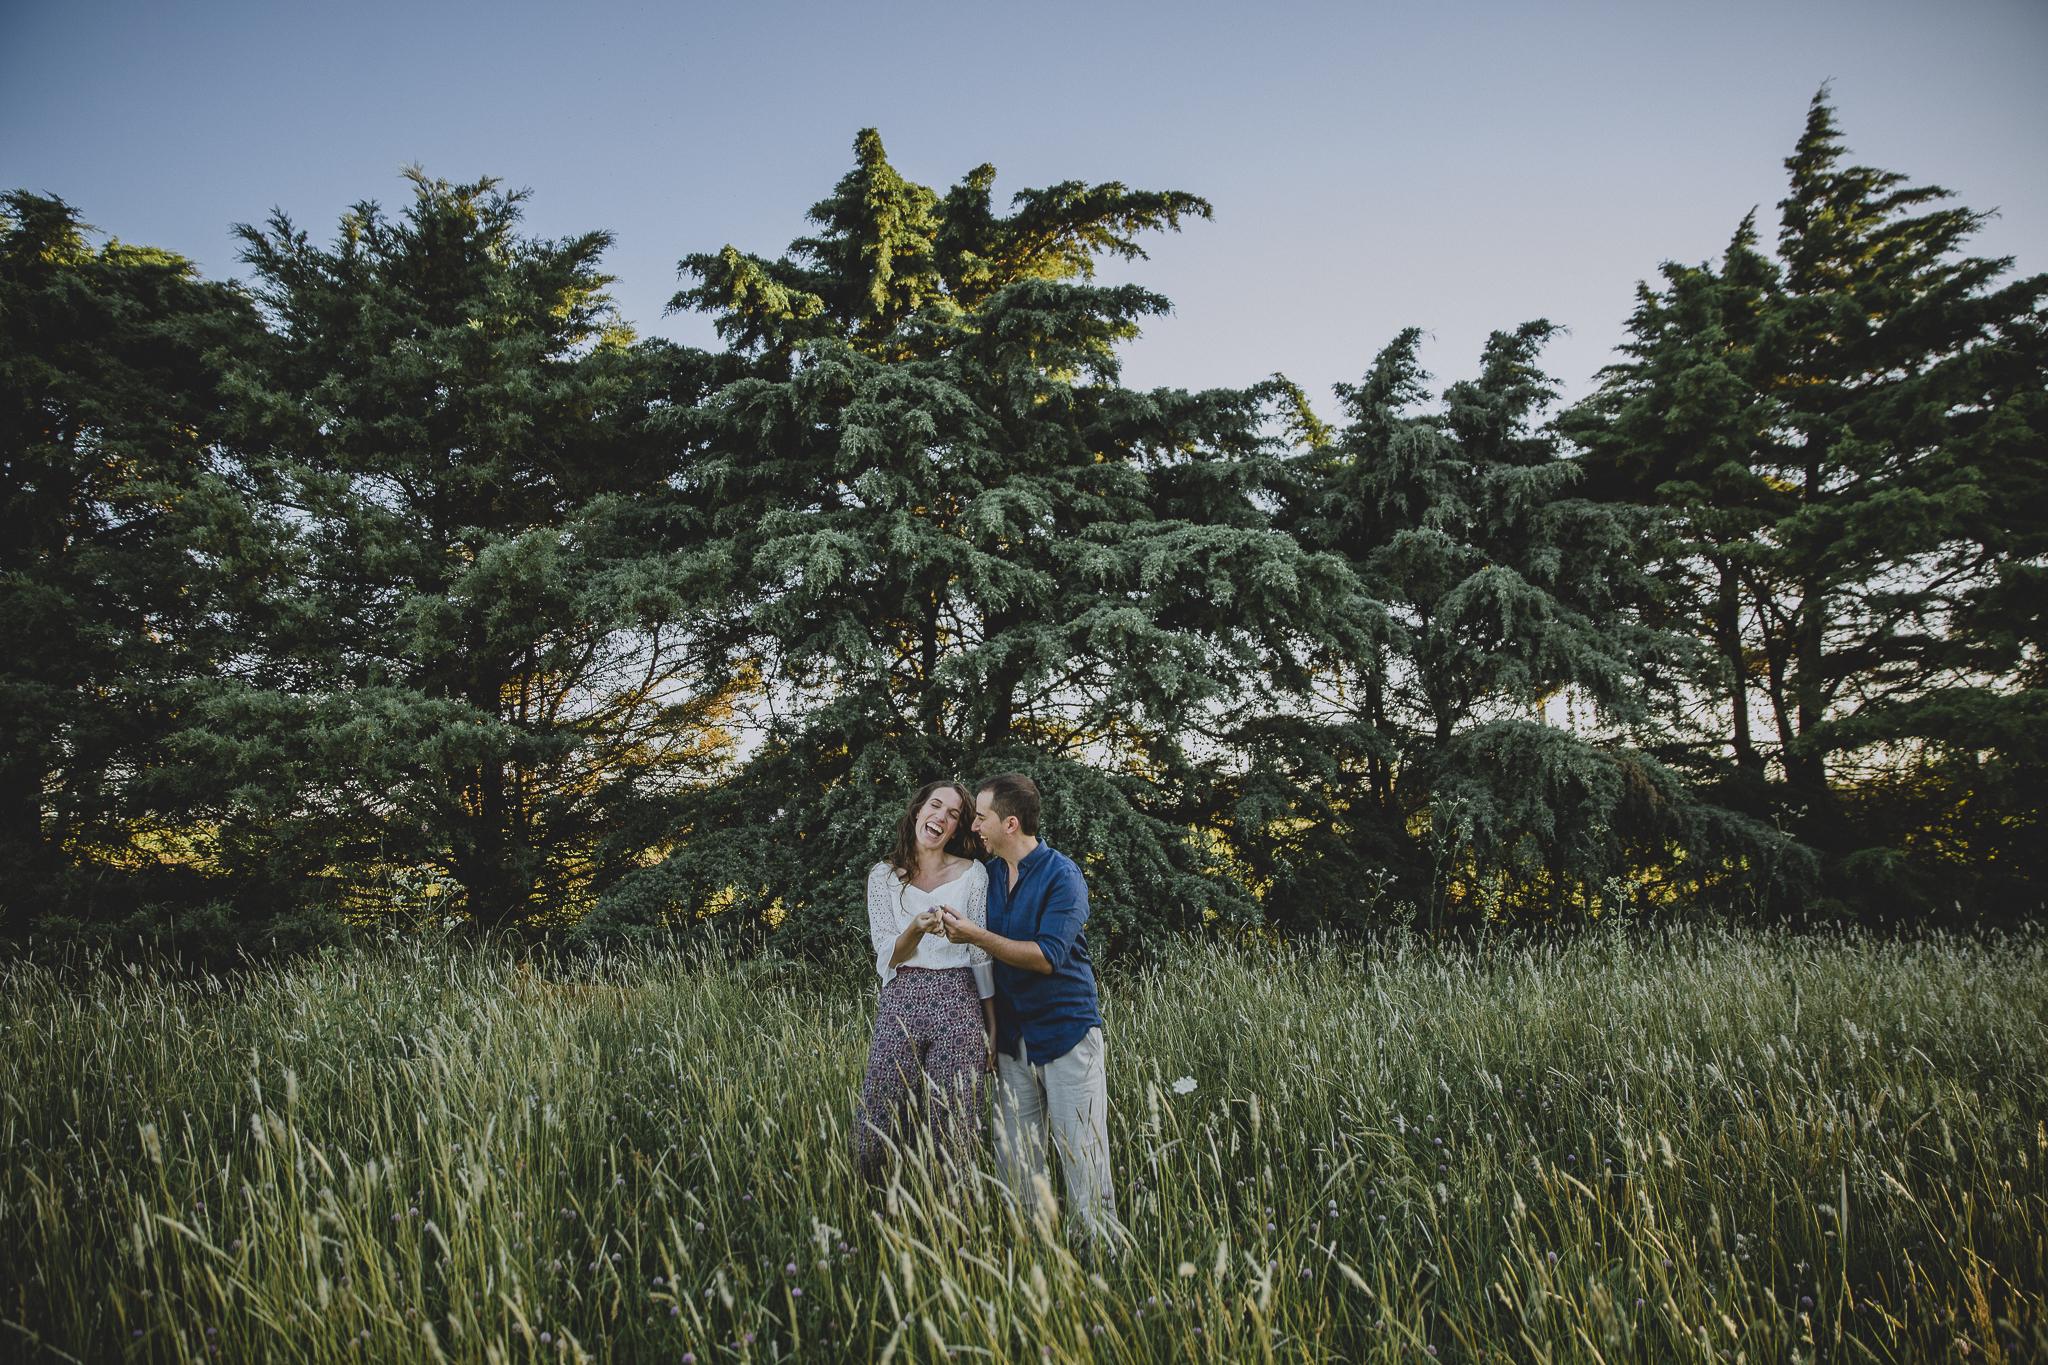 Preboda al atardecer, Fotografía de boda montevideo, nata&erno03